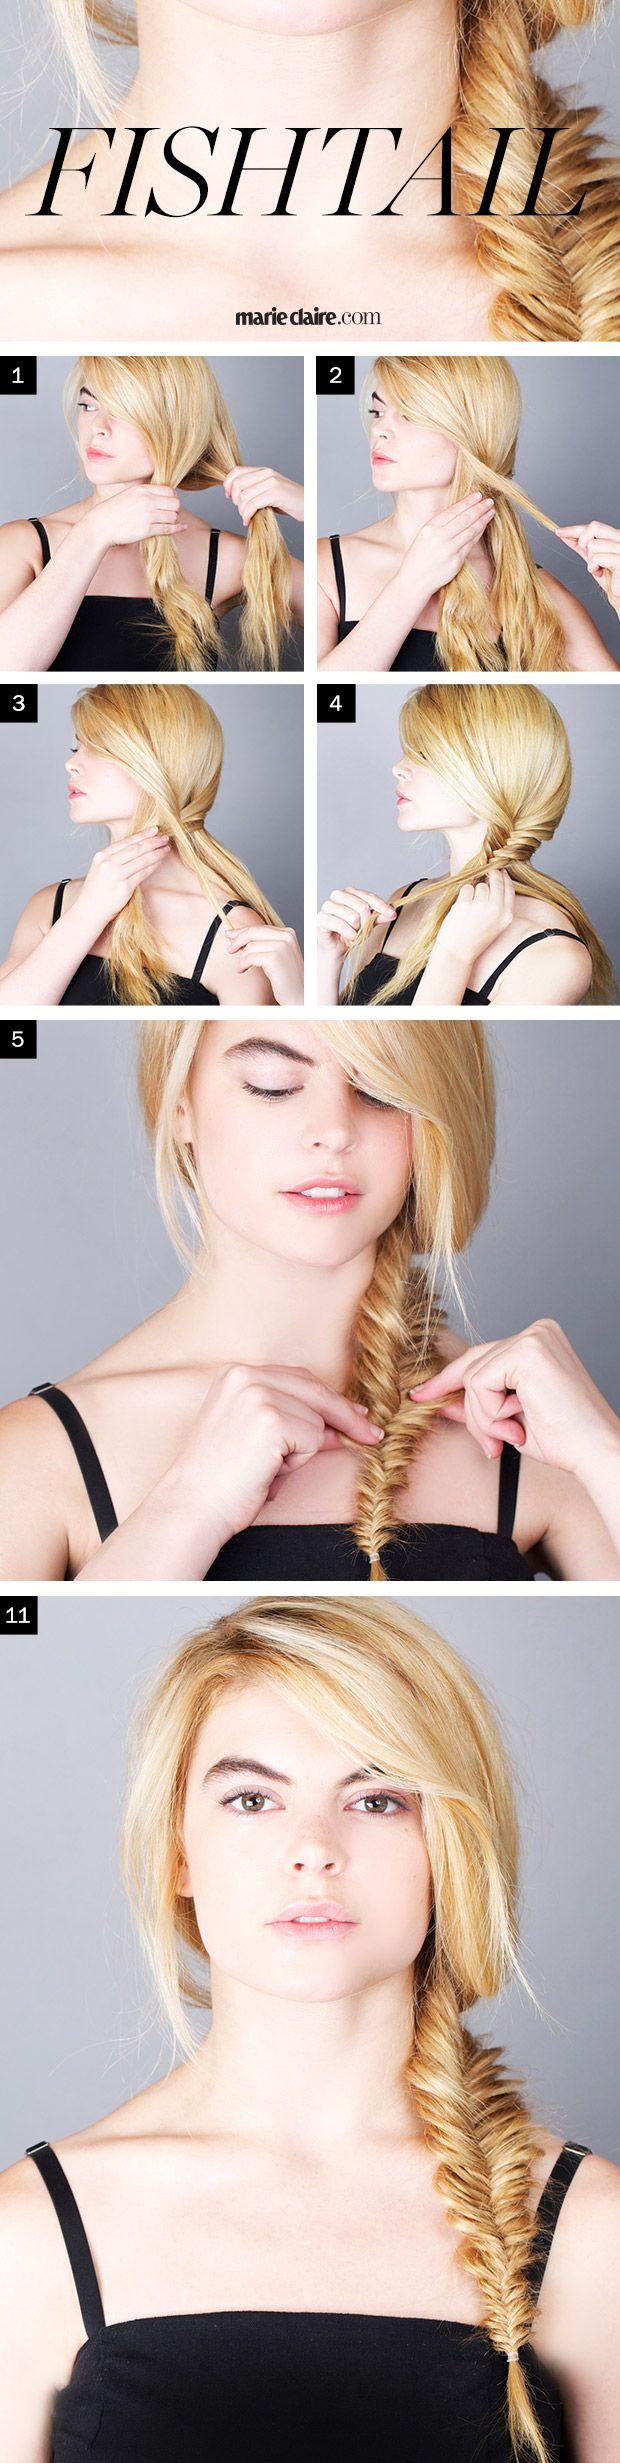 Hair How-To: The Fishtail Braid | MarieClaire.com